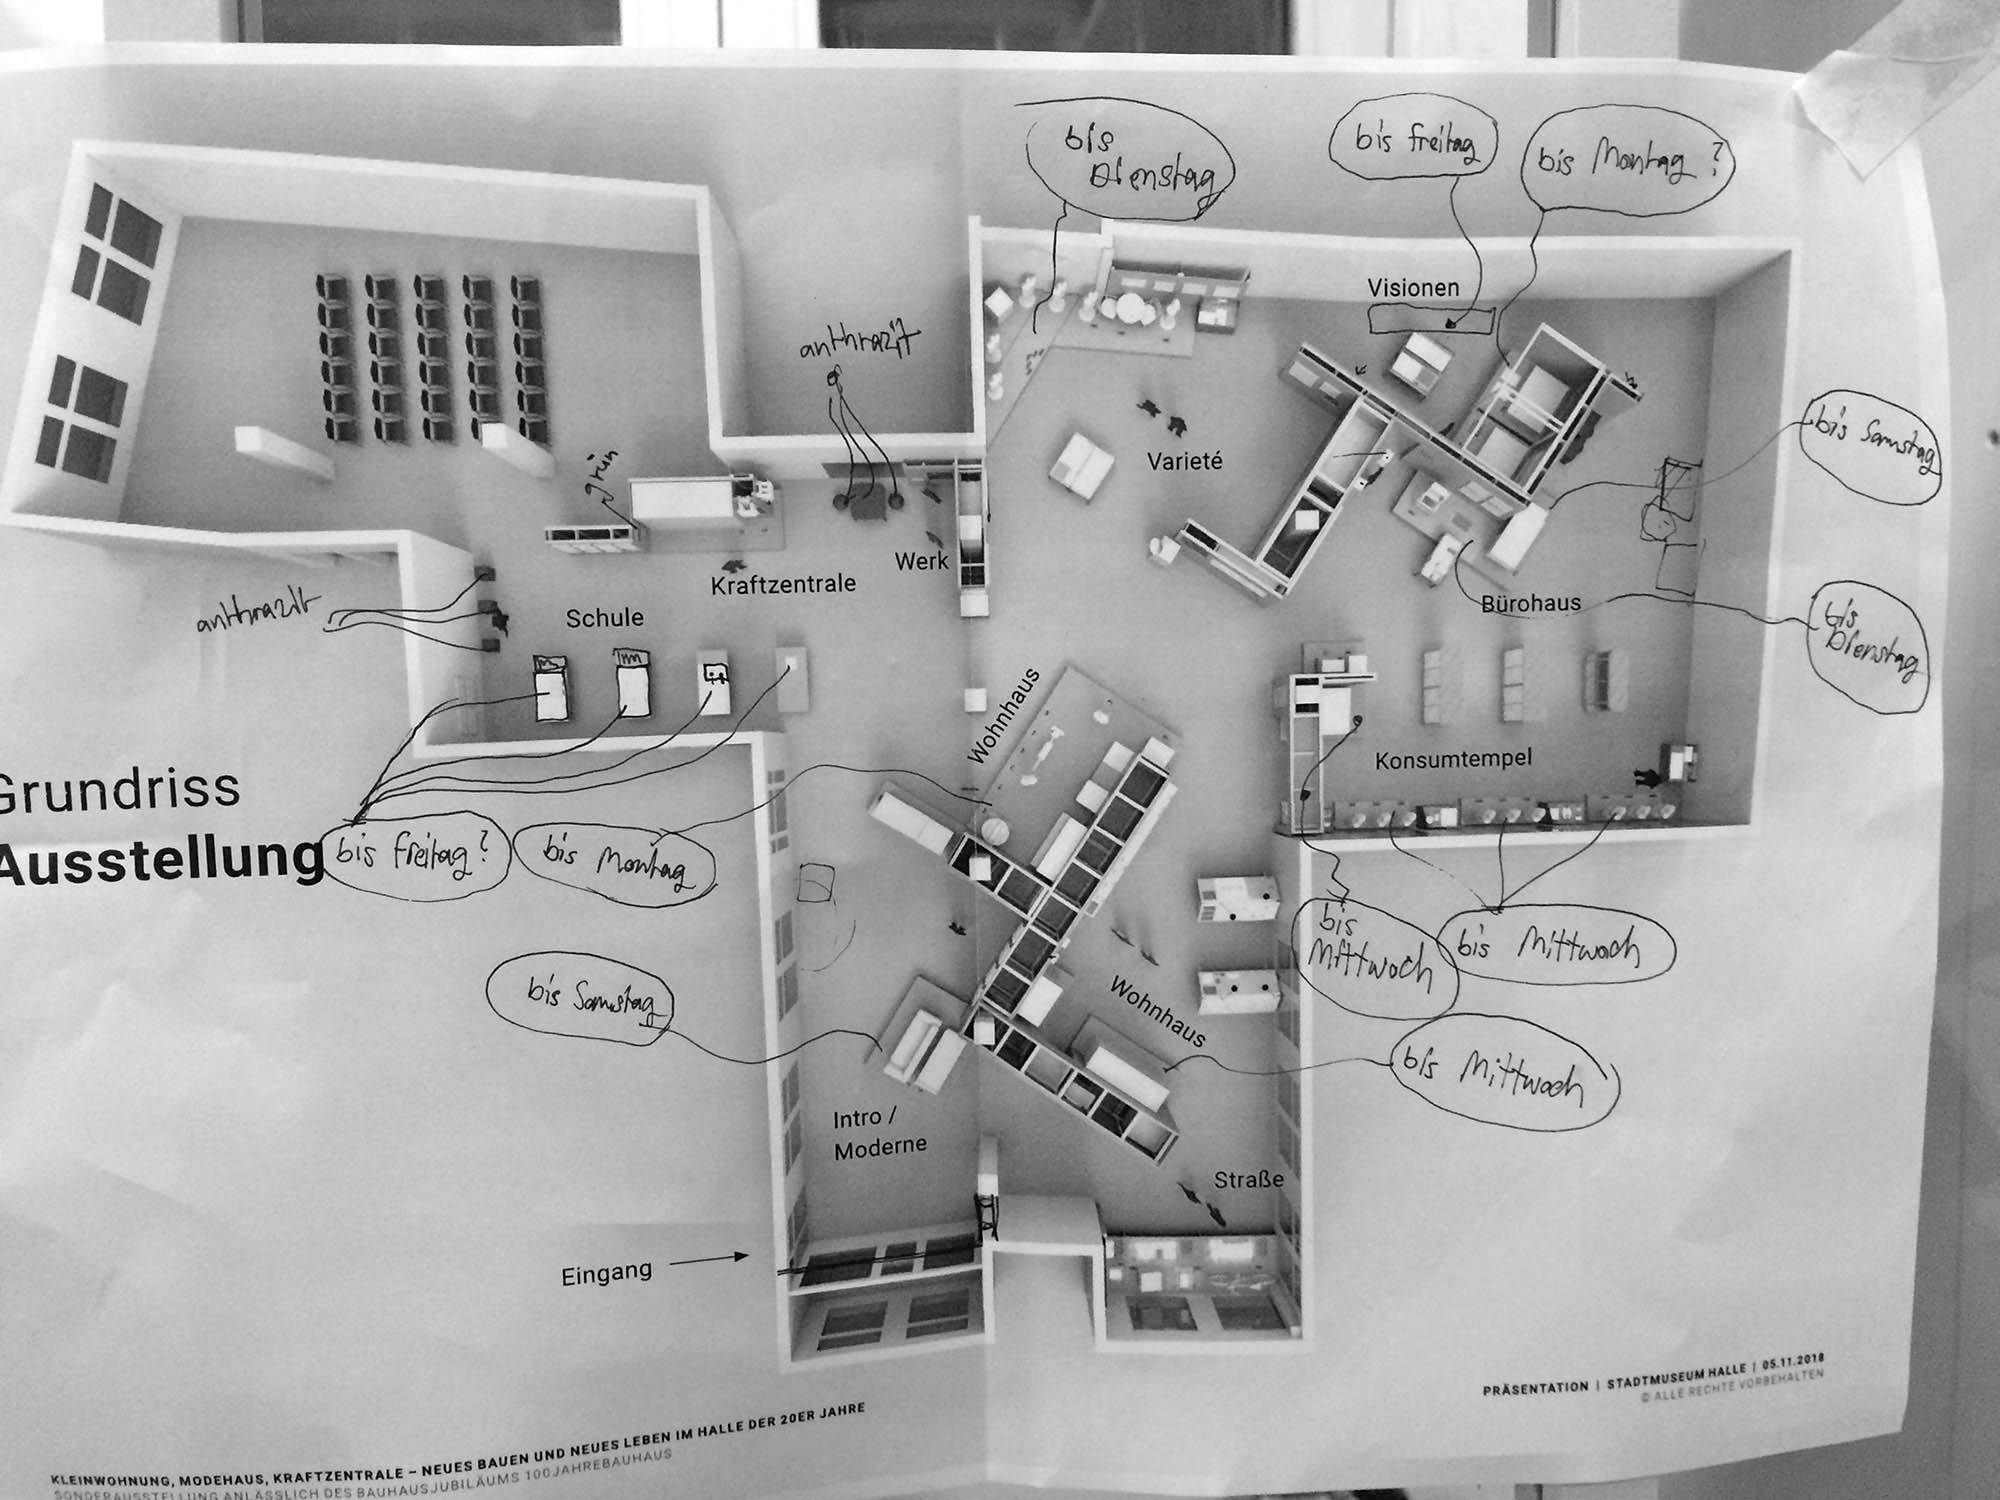 Kleinwohnungen, Modehaus, Kraftzentrale, Foto/Rendering: Formikat GbR